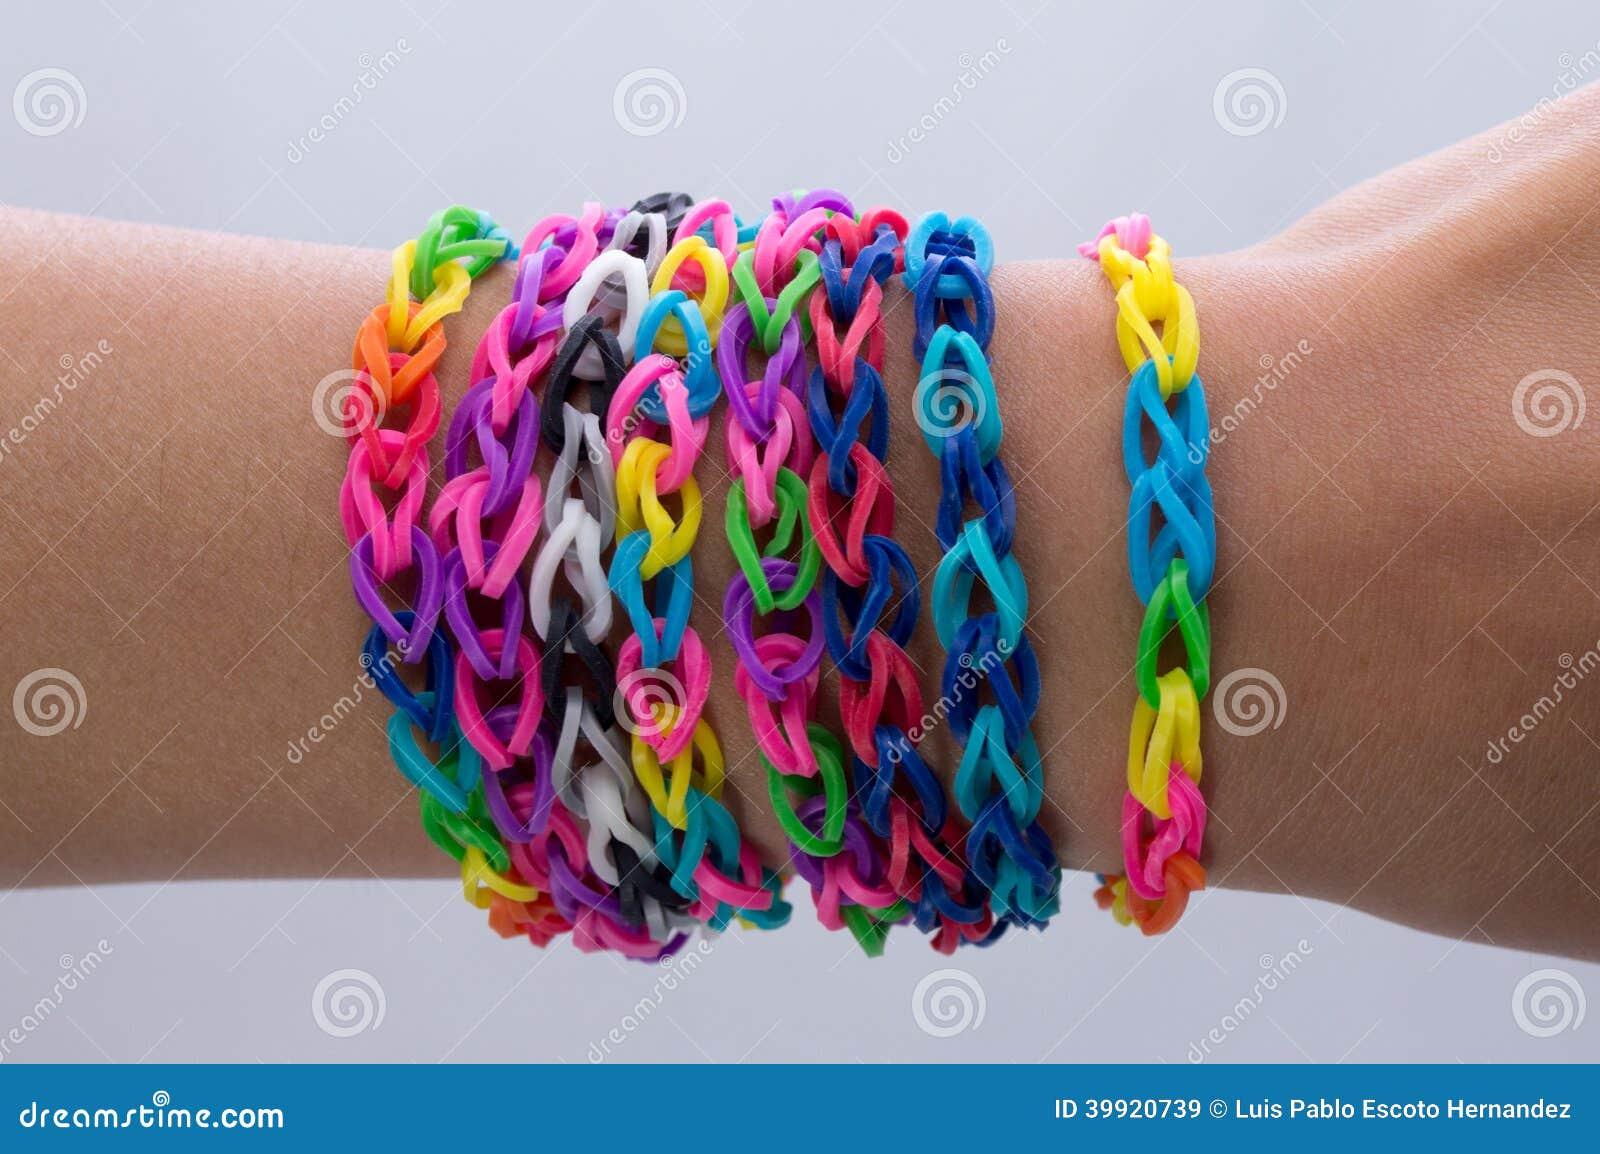 Handgelenk-Bänder